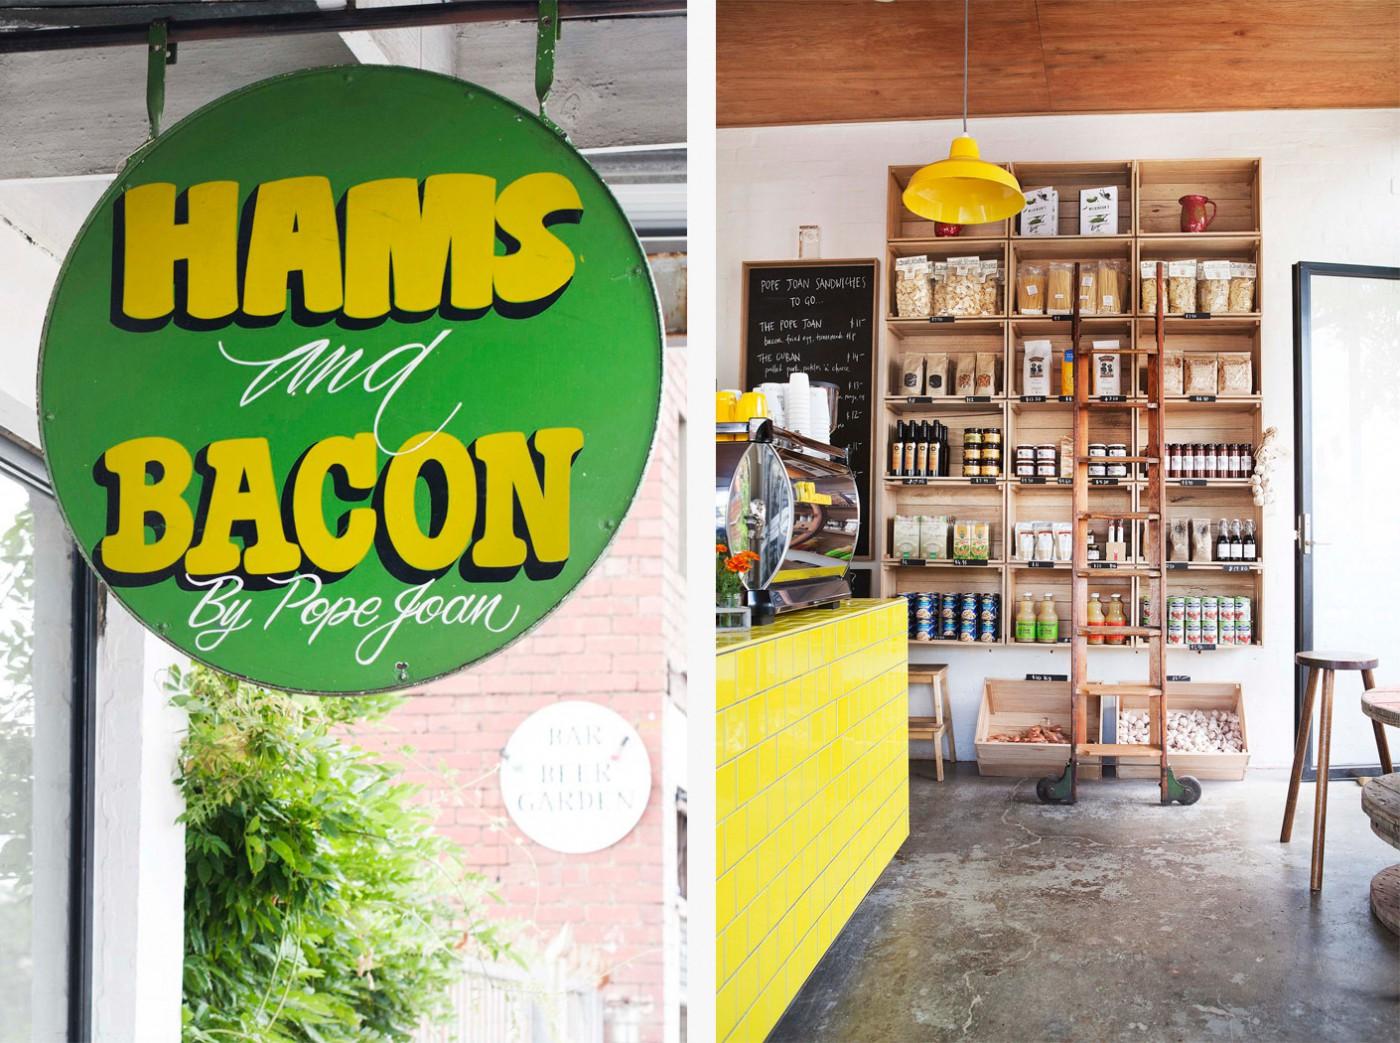 Hams & Bacon